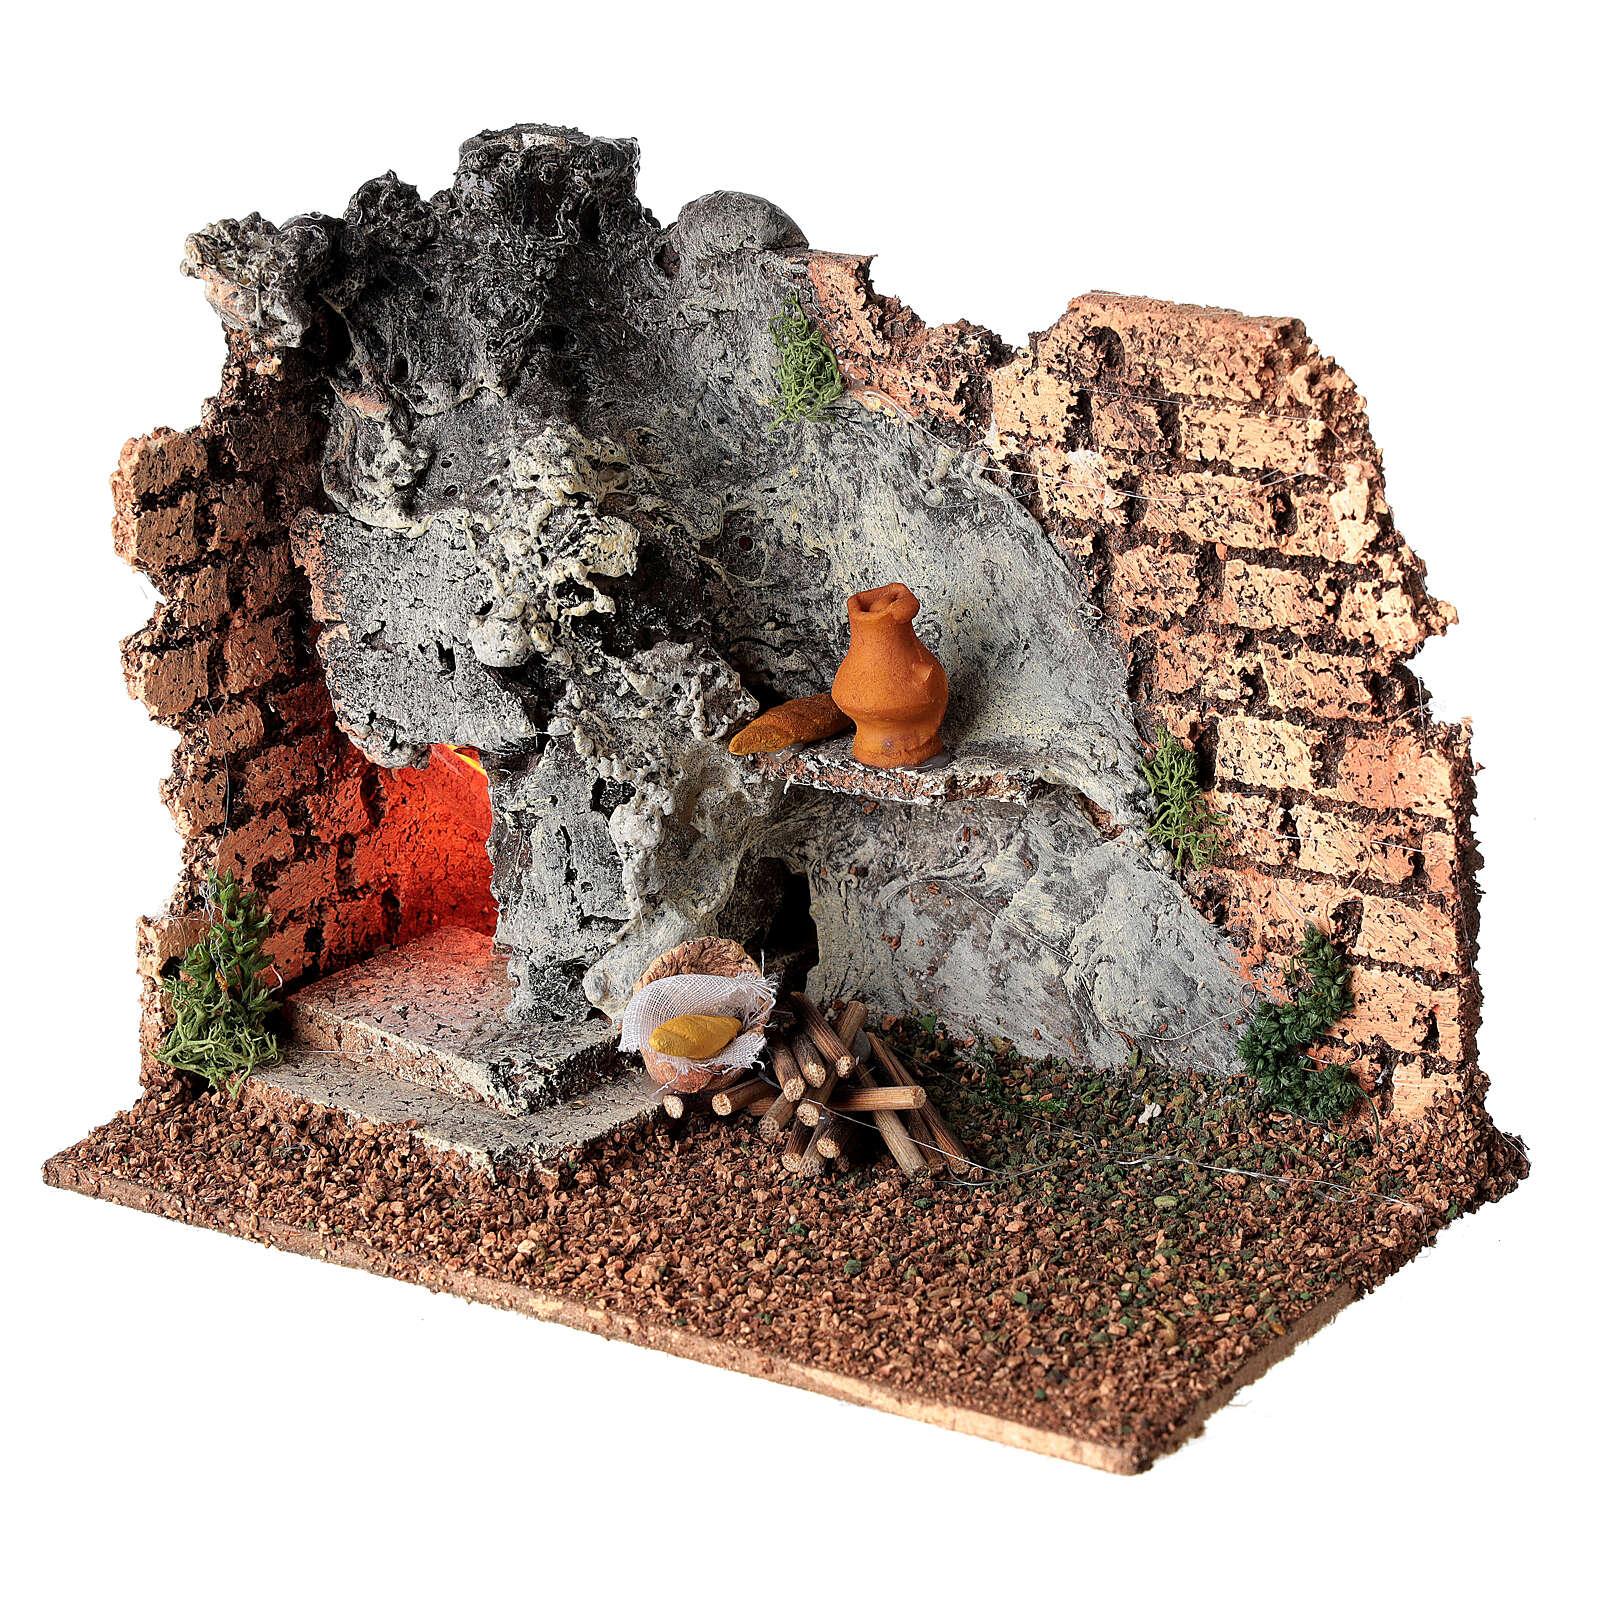 Forno angular paredes tijolos e luz efeito chama para presépio com figuras altura média 8-10 cm, medidas: 15x9,5x7,5 cm 4